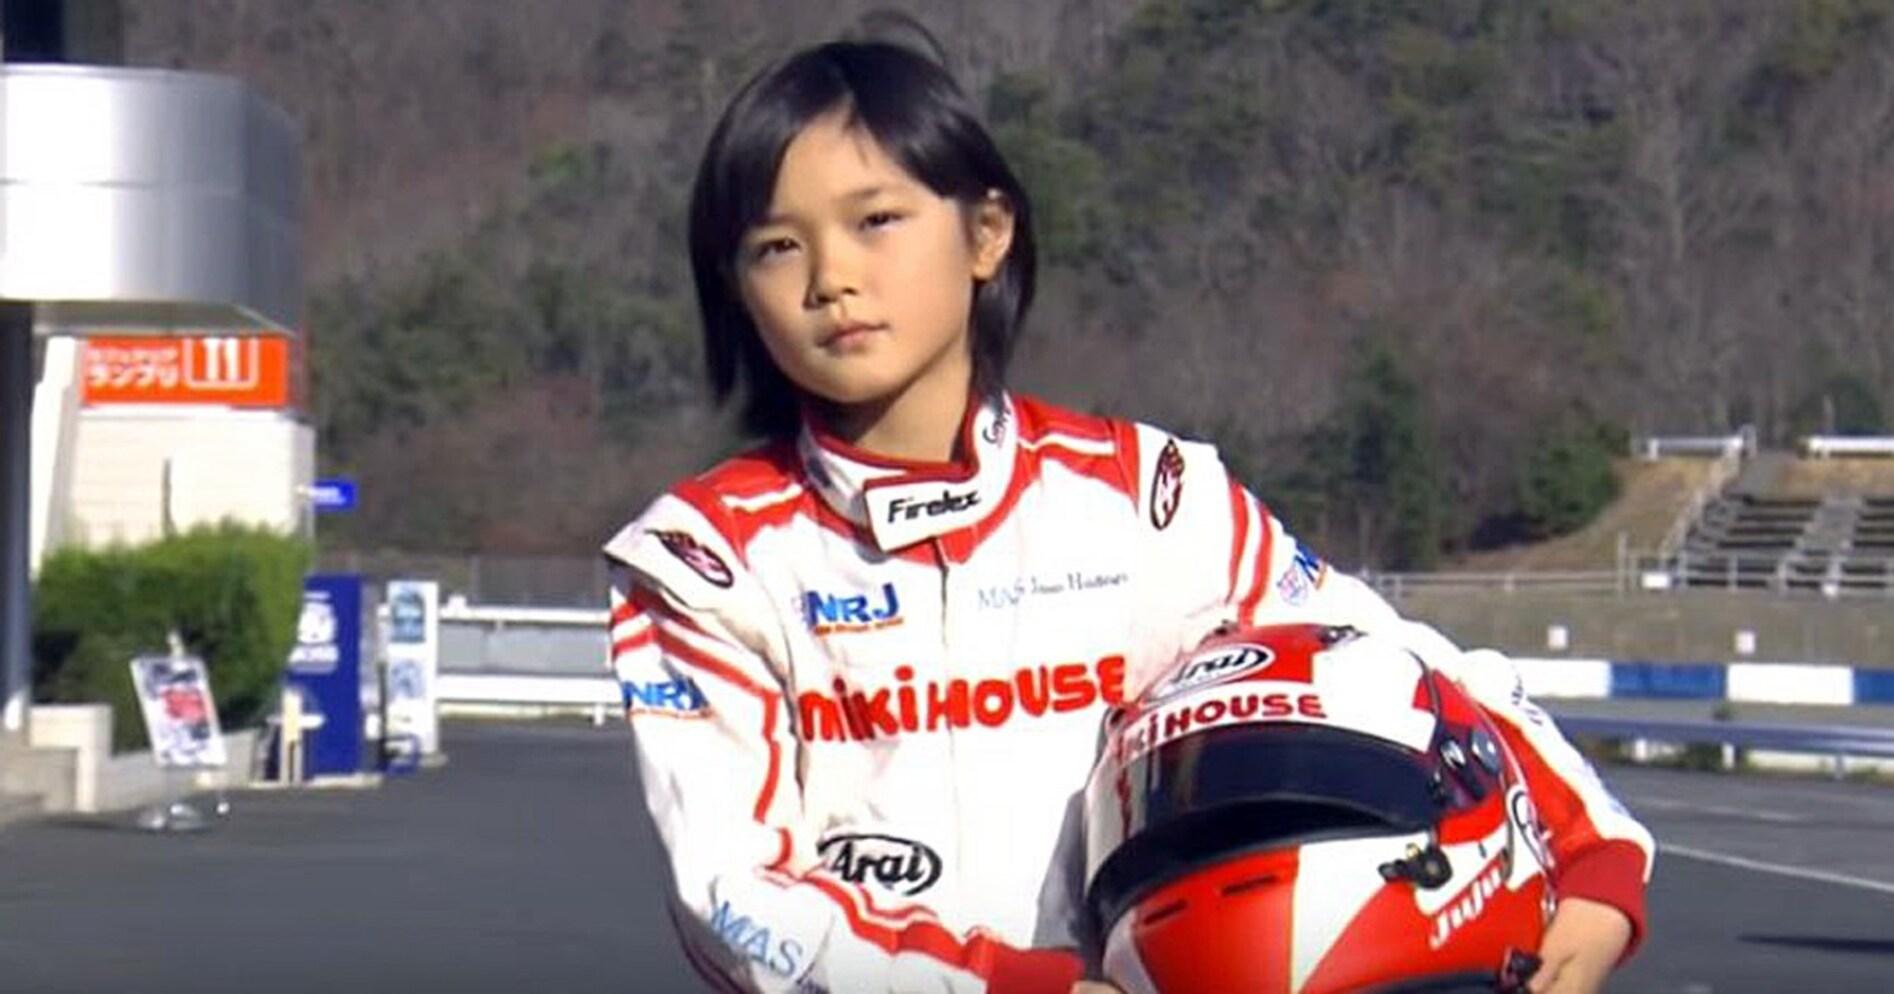 11歳のF4レーサーJujuだけじゃない。サーキットで戦う女性レーサーは意外に多い